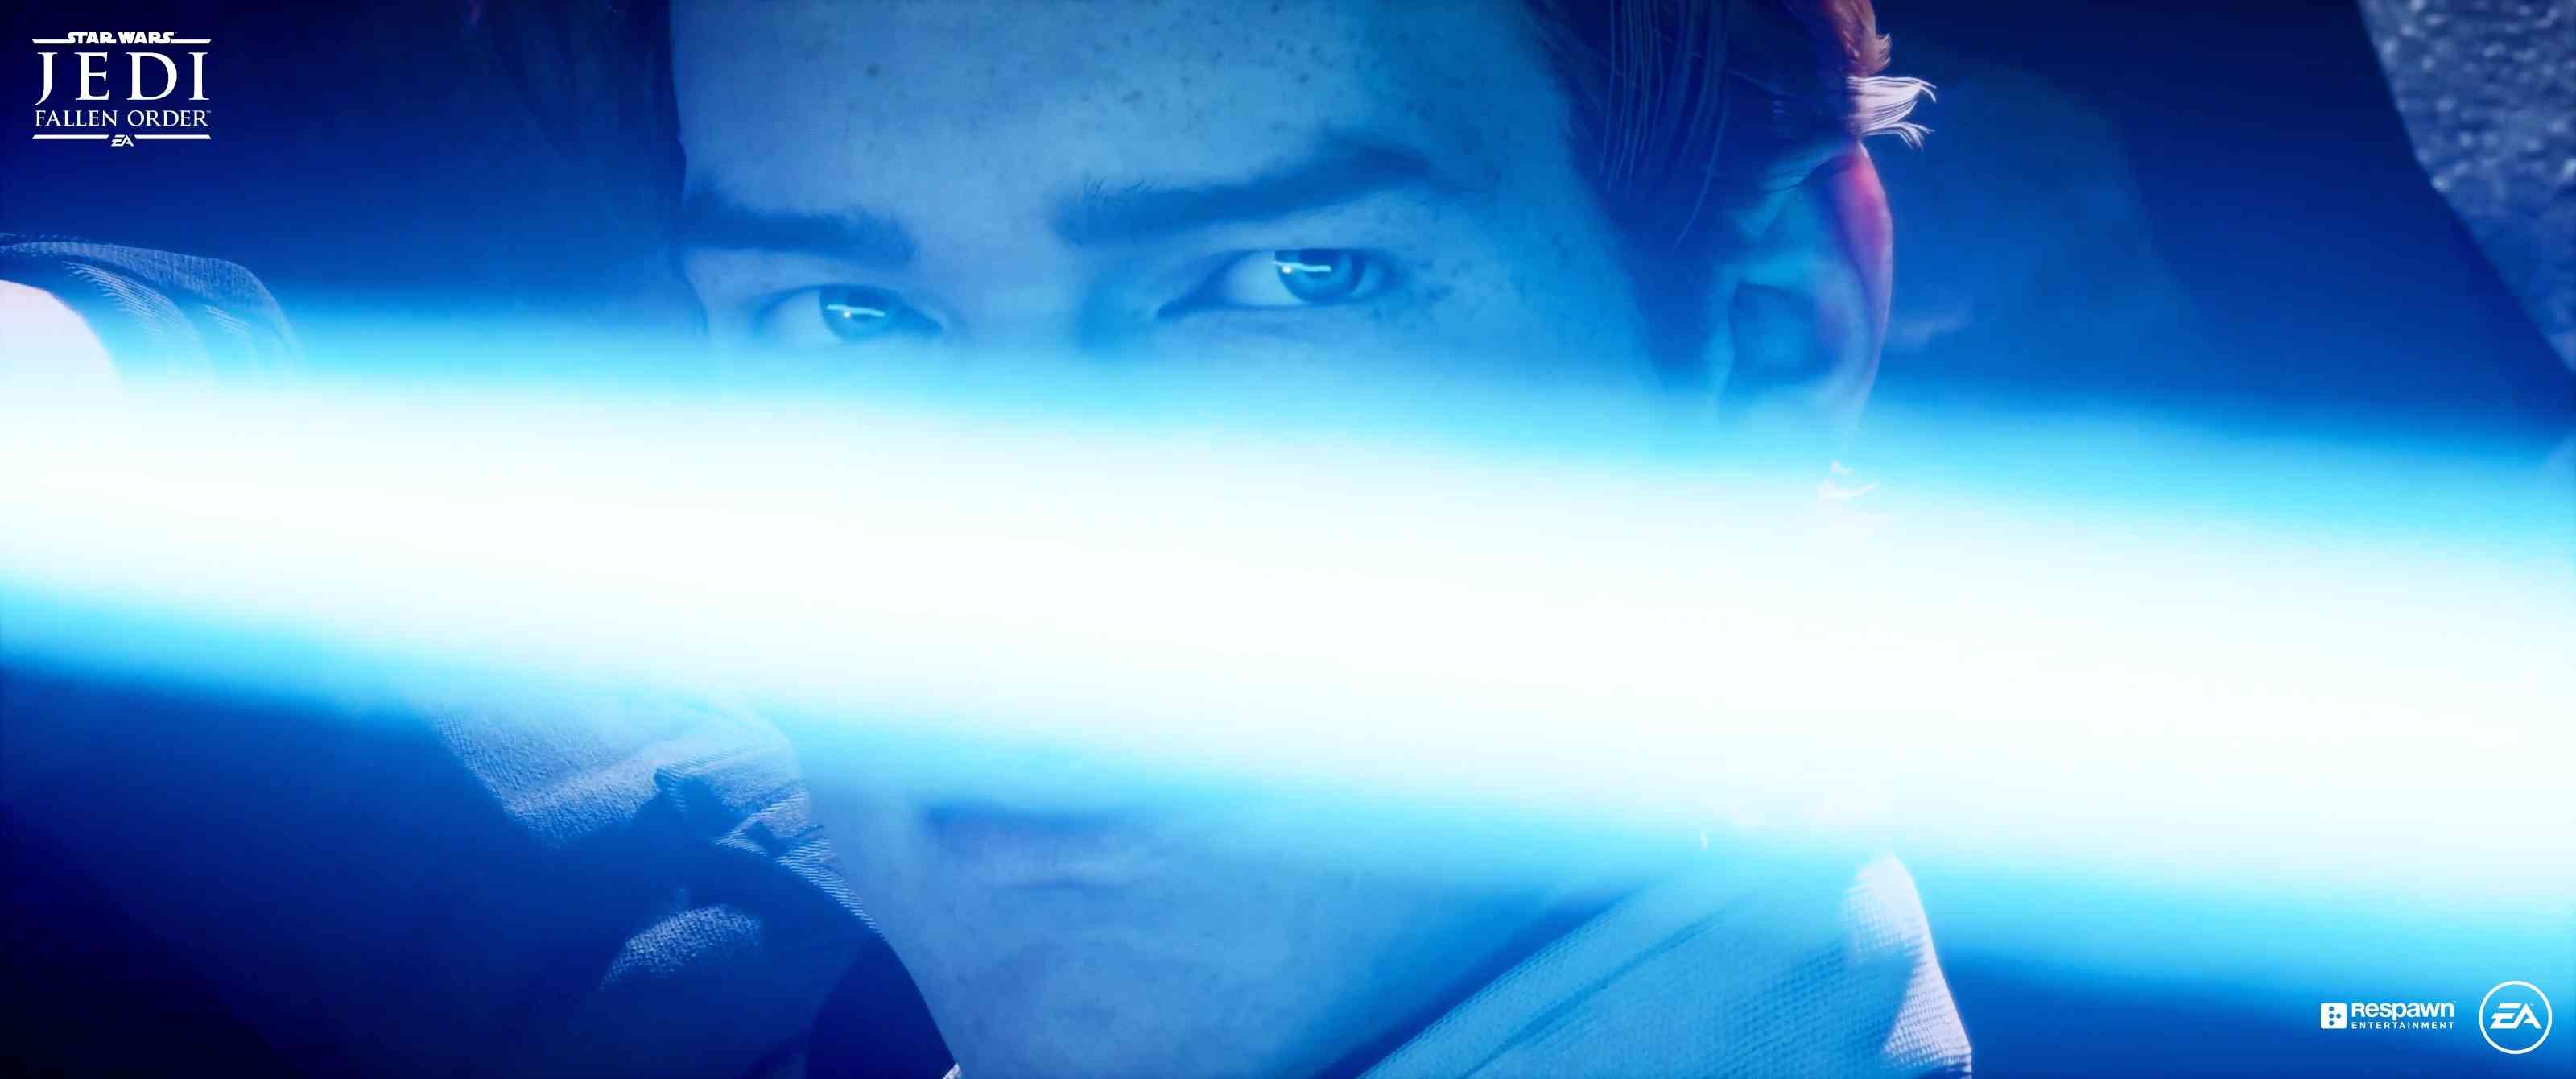 Star Wars Jedi Fallen Order – Bild 10